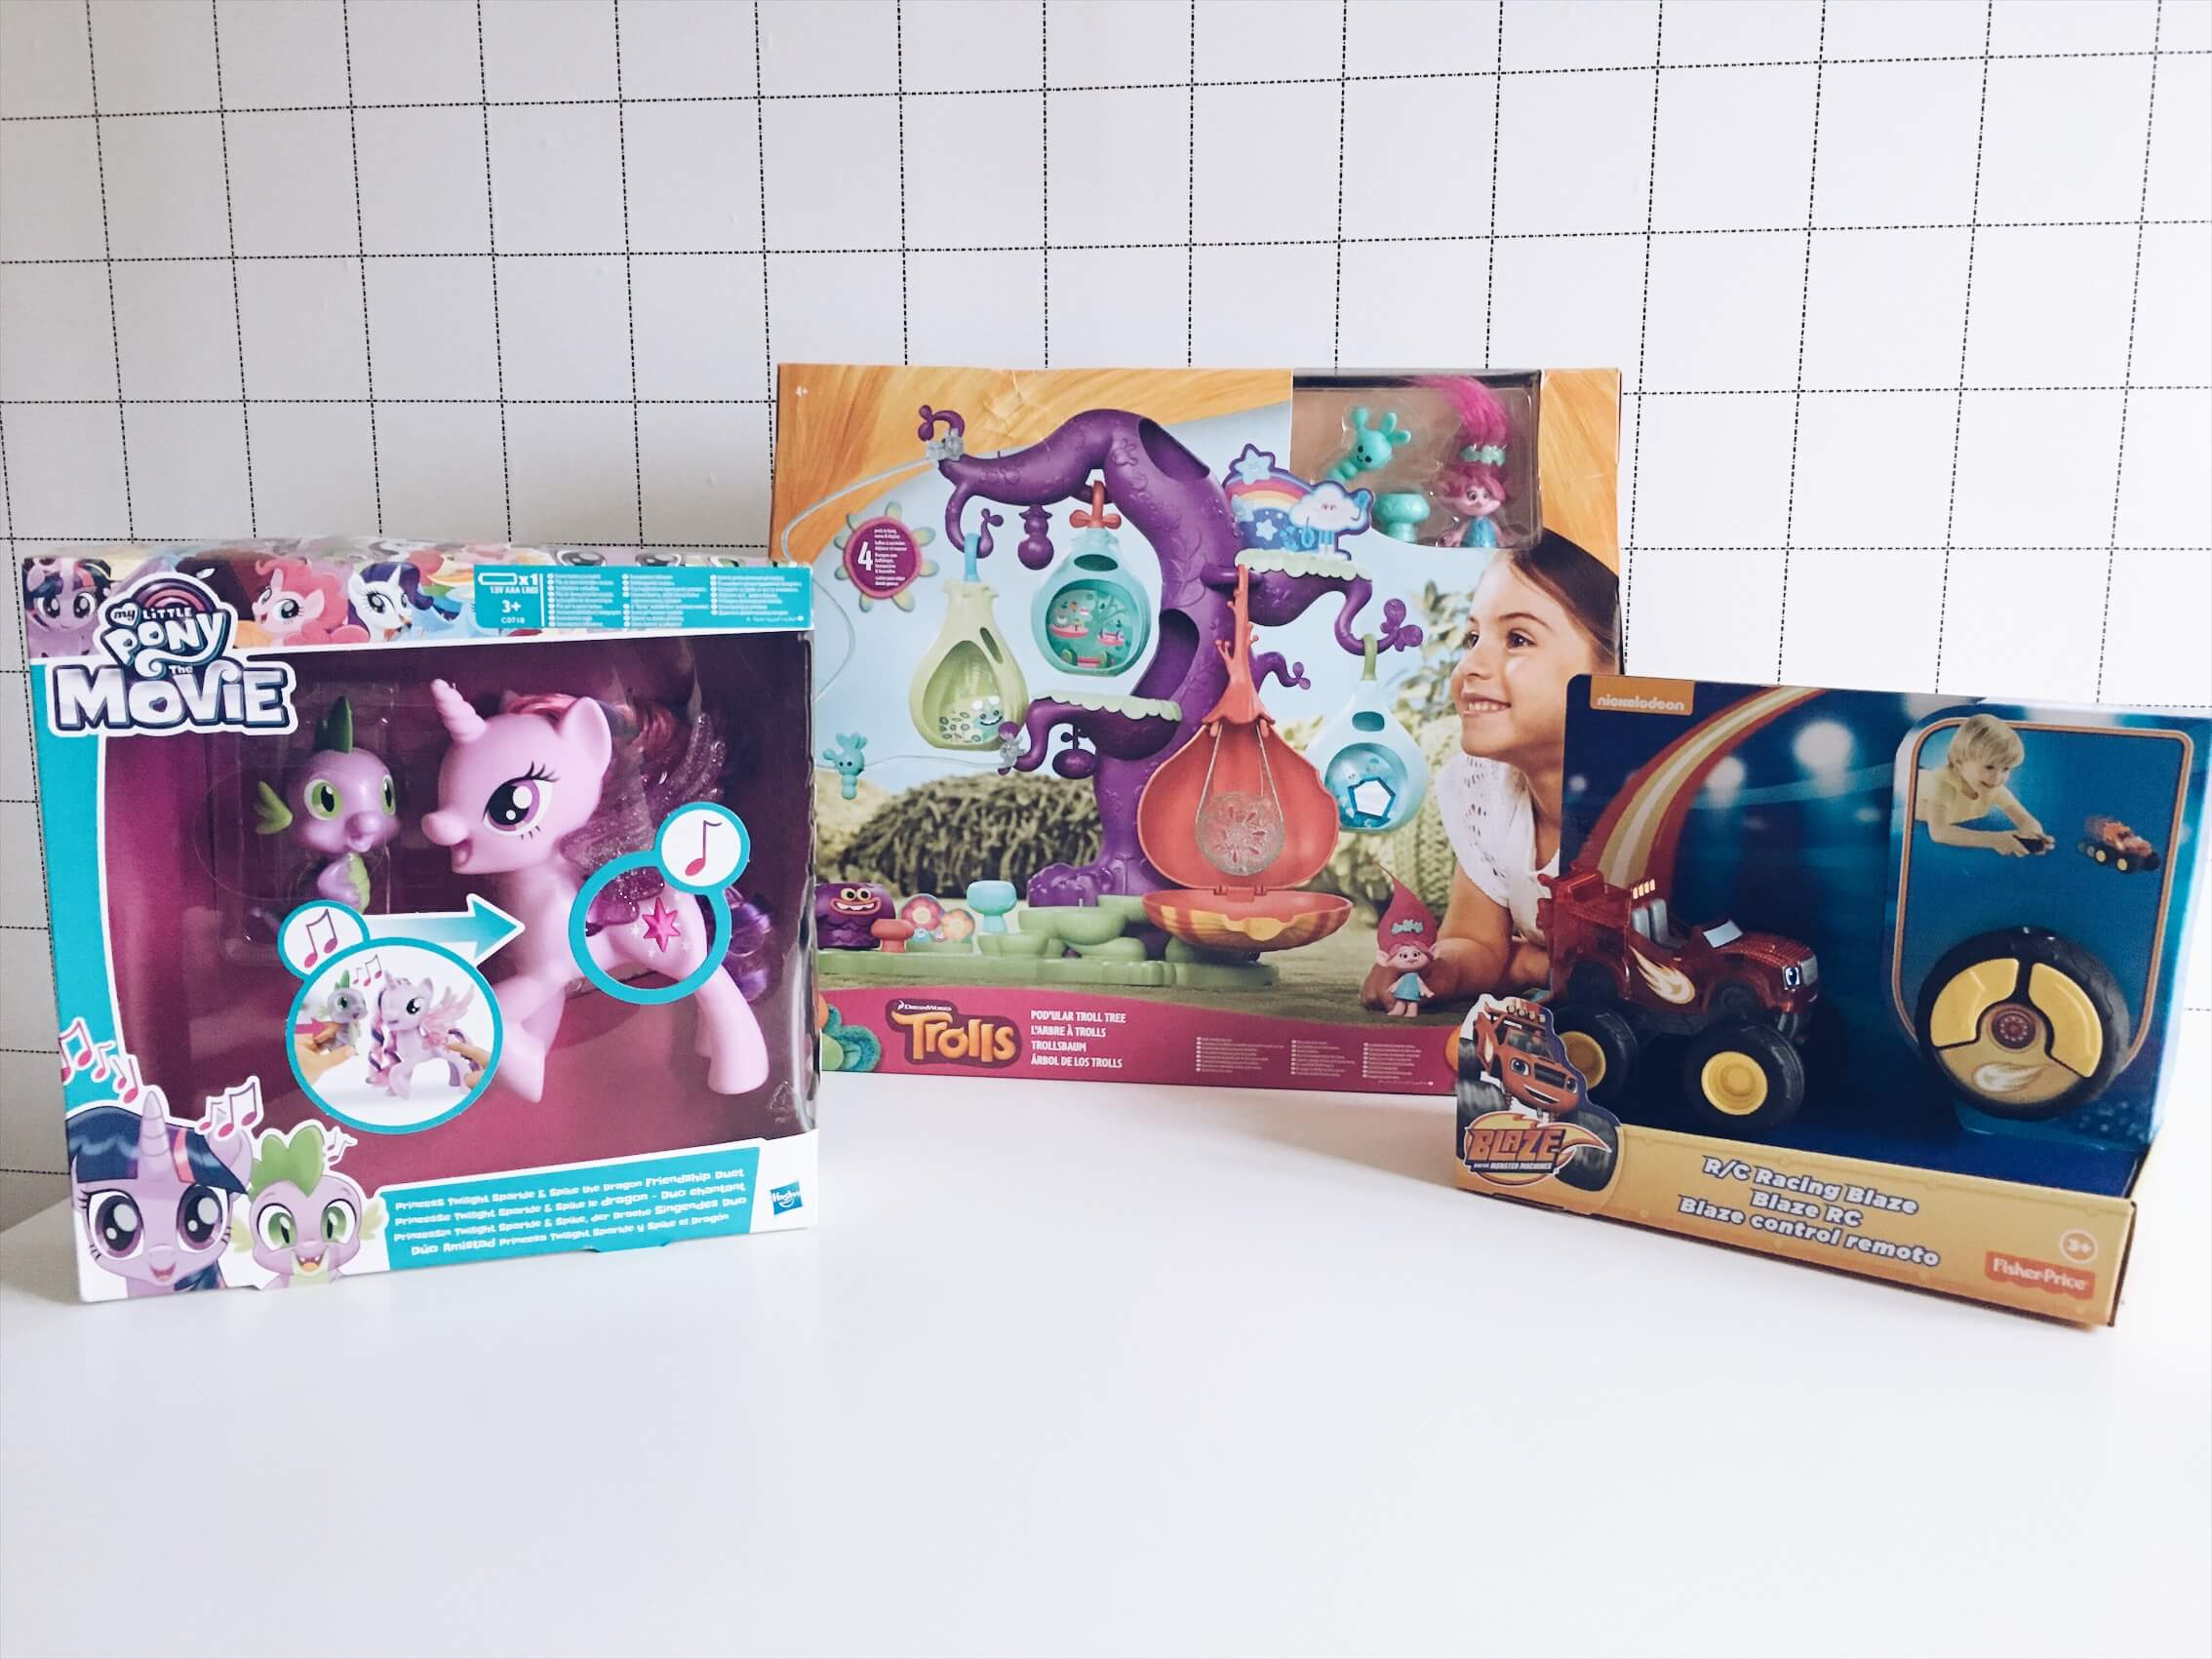 0F2A4AB9 BB20 4BD5 8CCE A478D78C3FDA - Hoe vind je het ideale cadeautje voor kinderen + tips